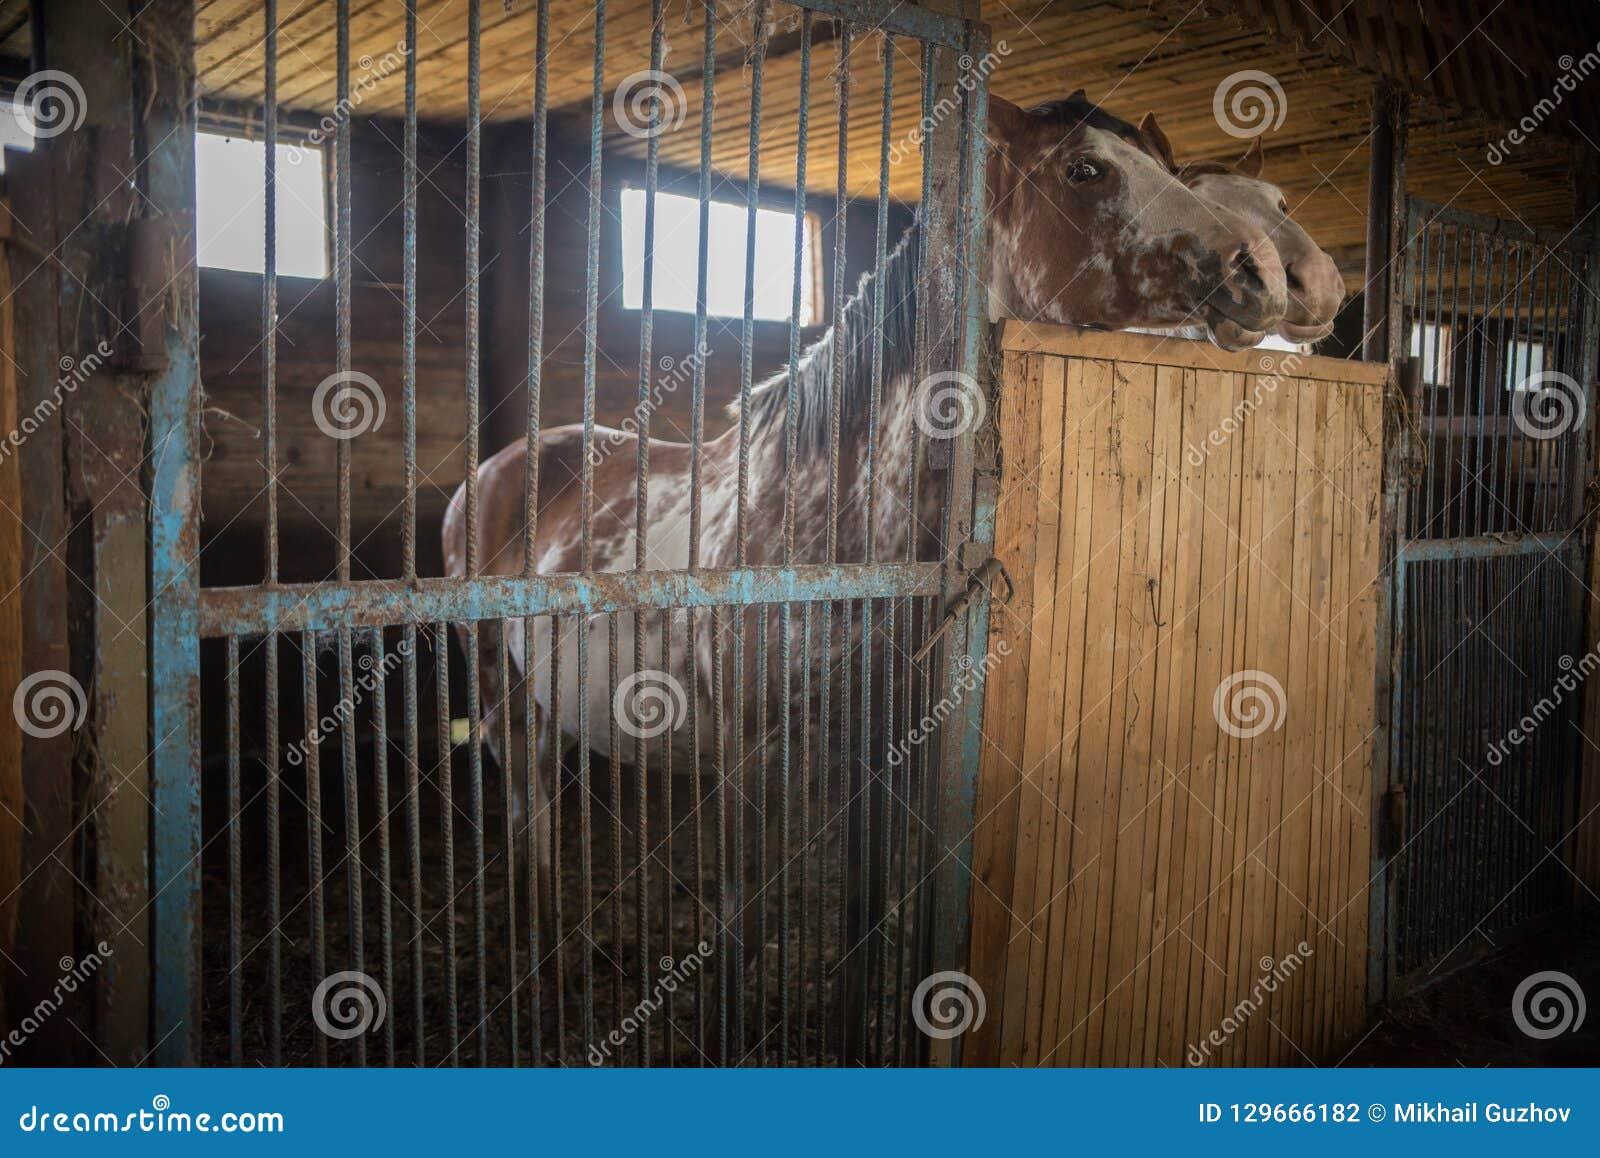 Zwei braune Pferde, die in einem Stall stehen